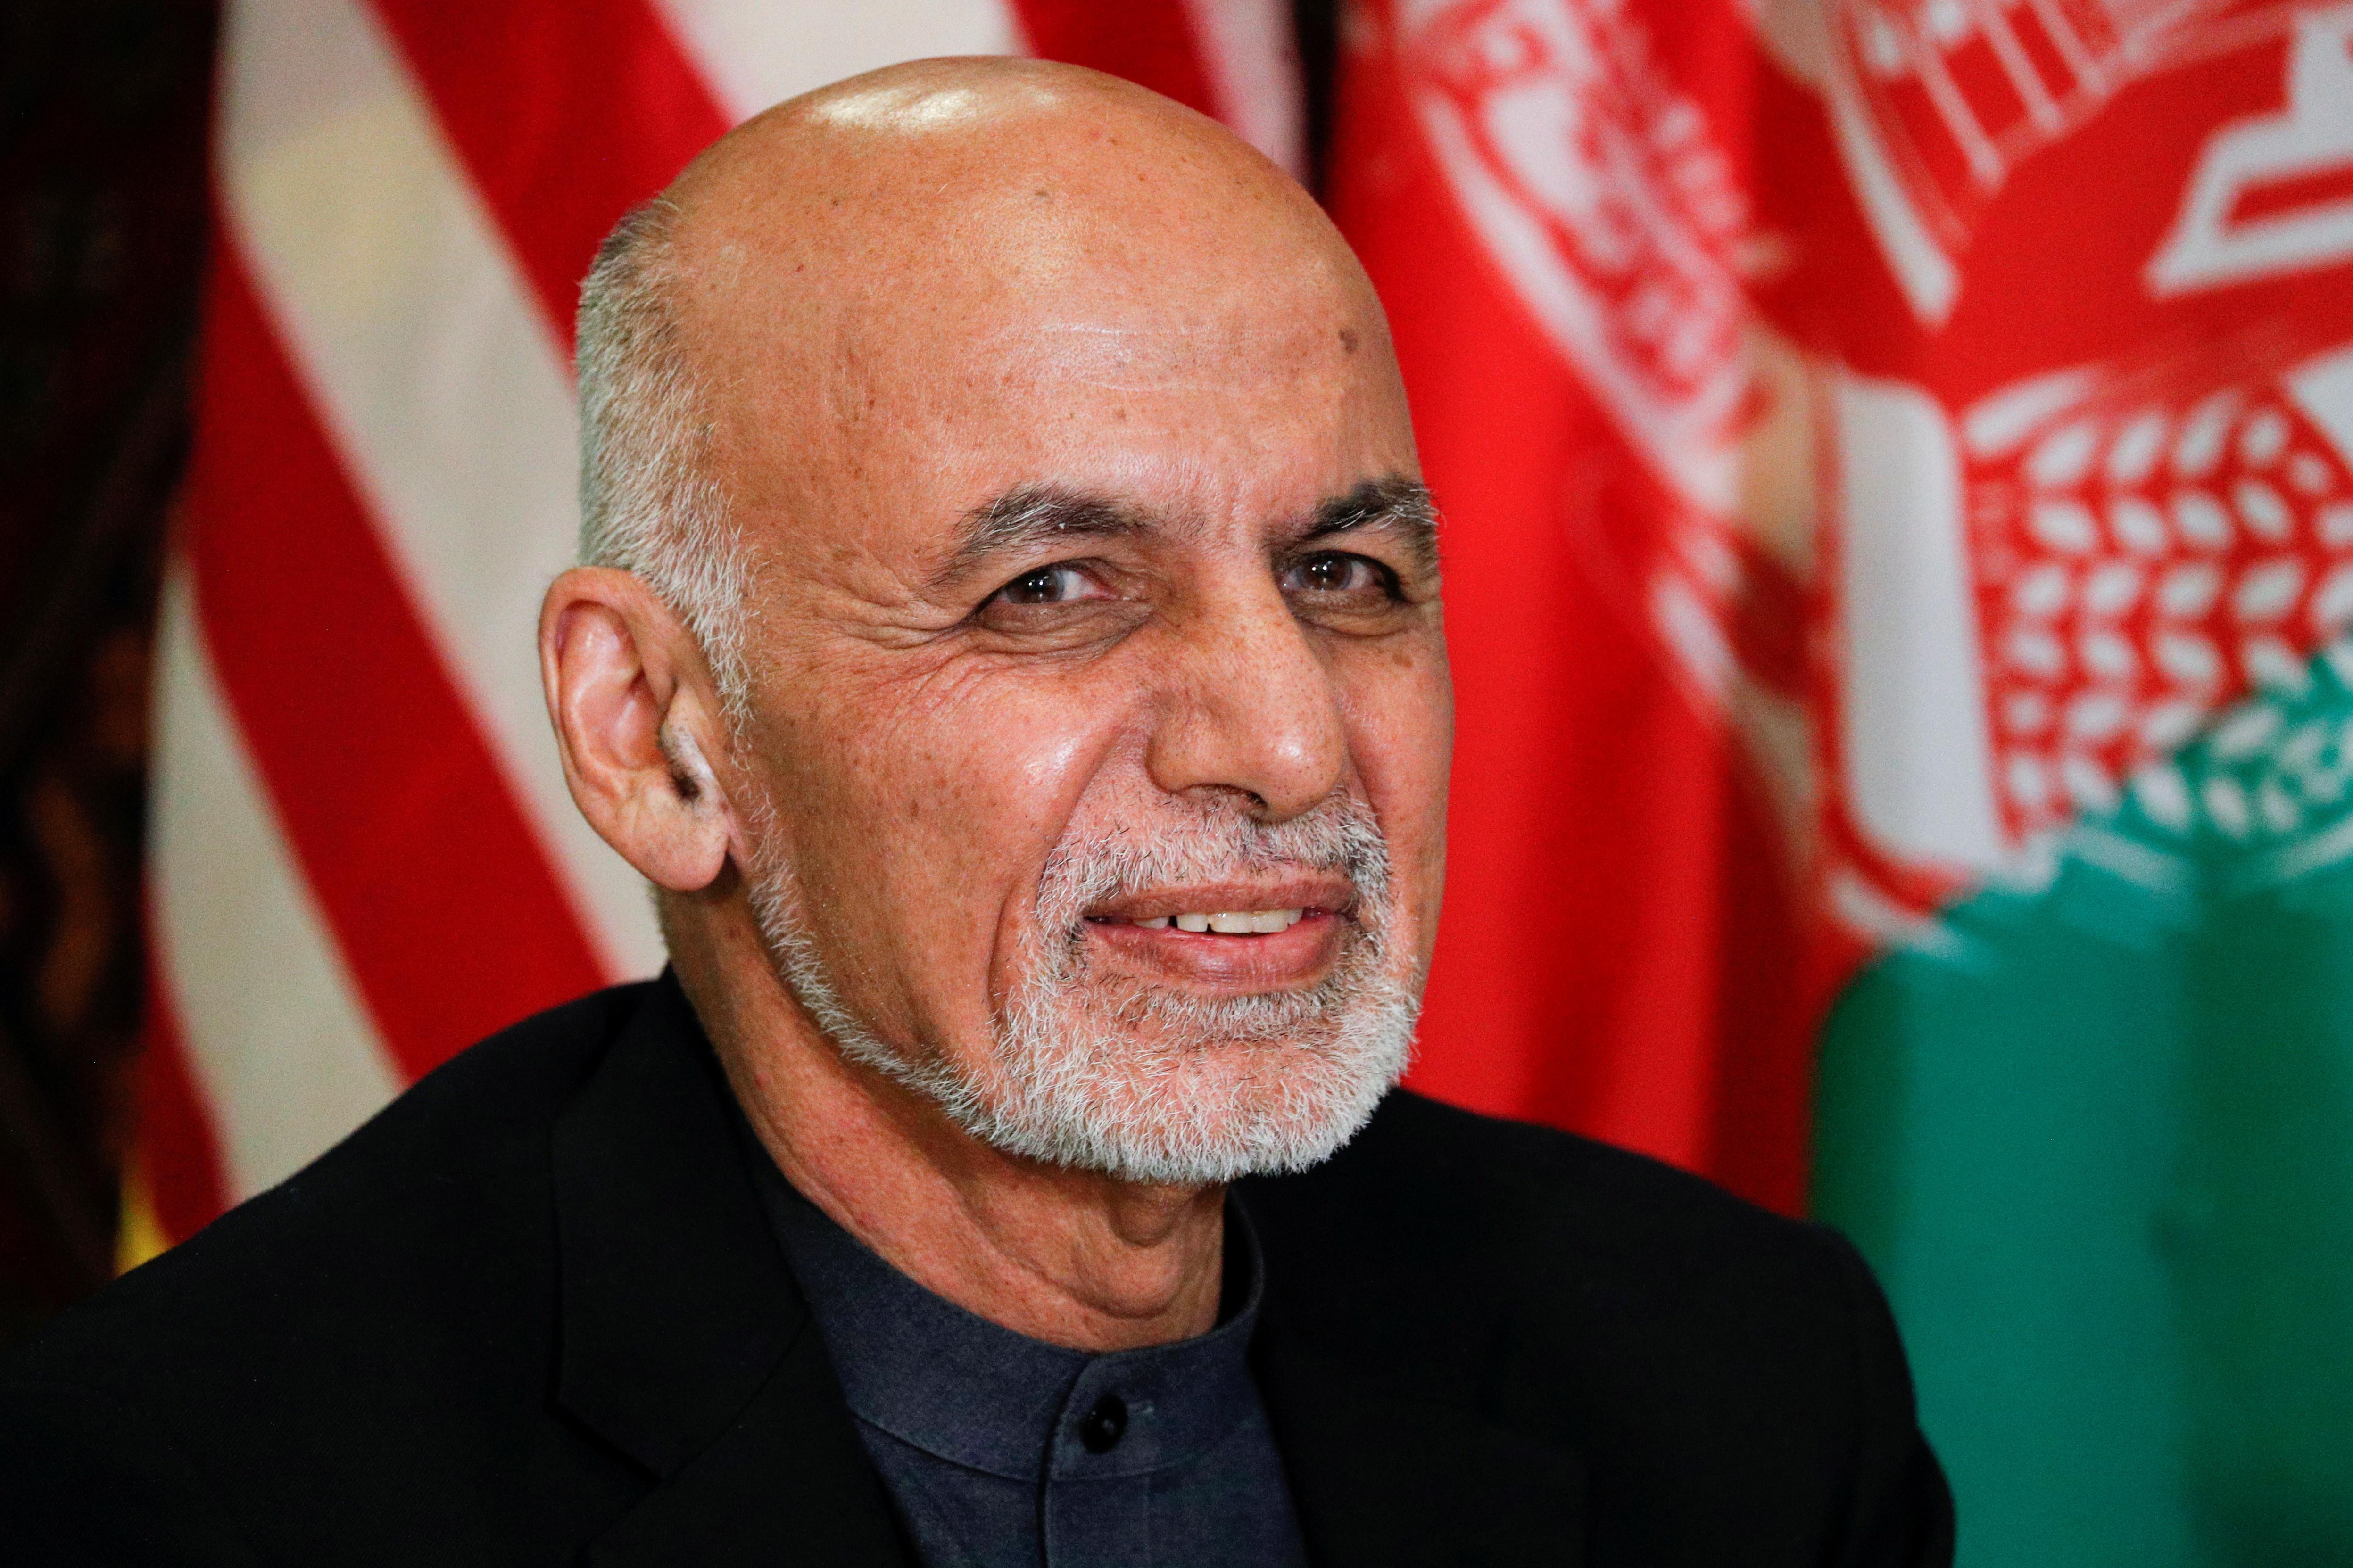 阿富汗,塔利班,喀布爾,戰爭,中東政治,共和黨,民主黨,拜登,台灣,美國,中國,俄羅斯